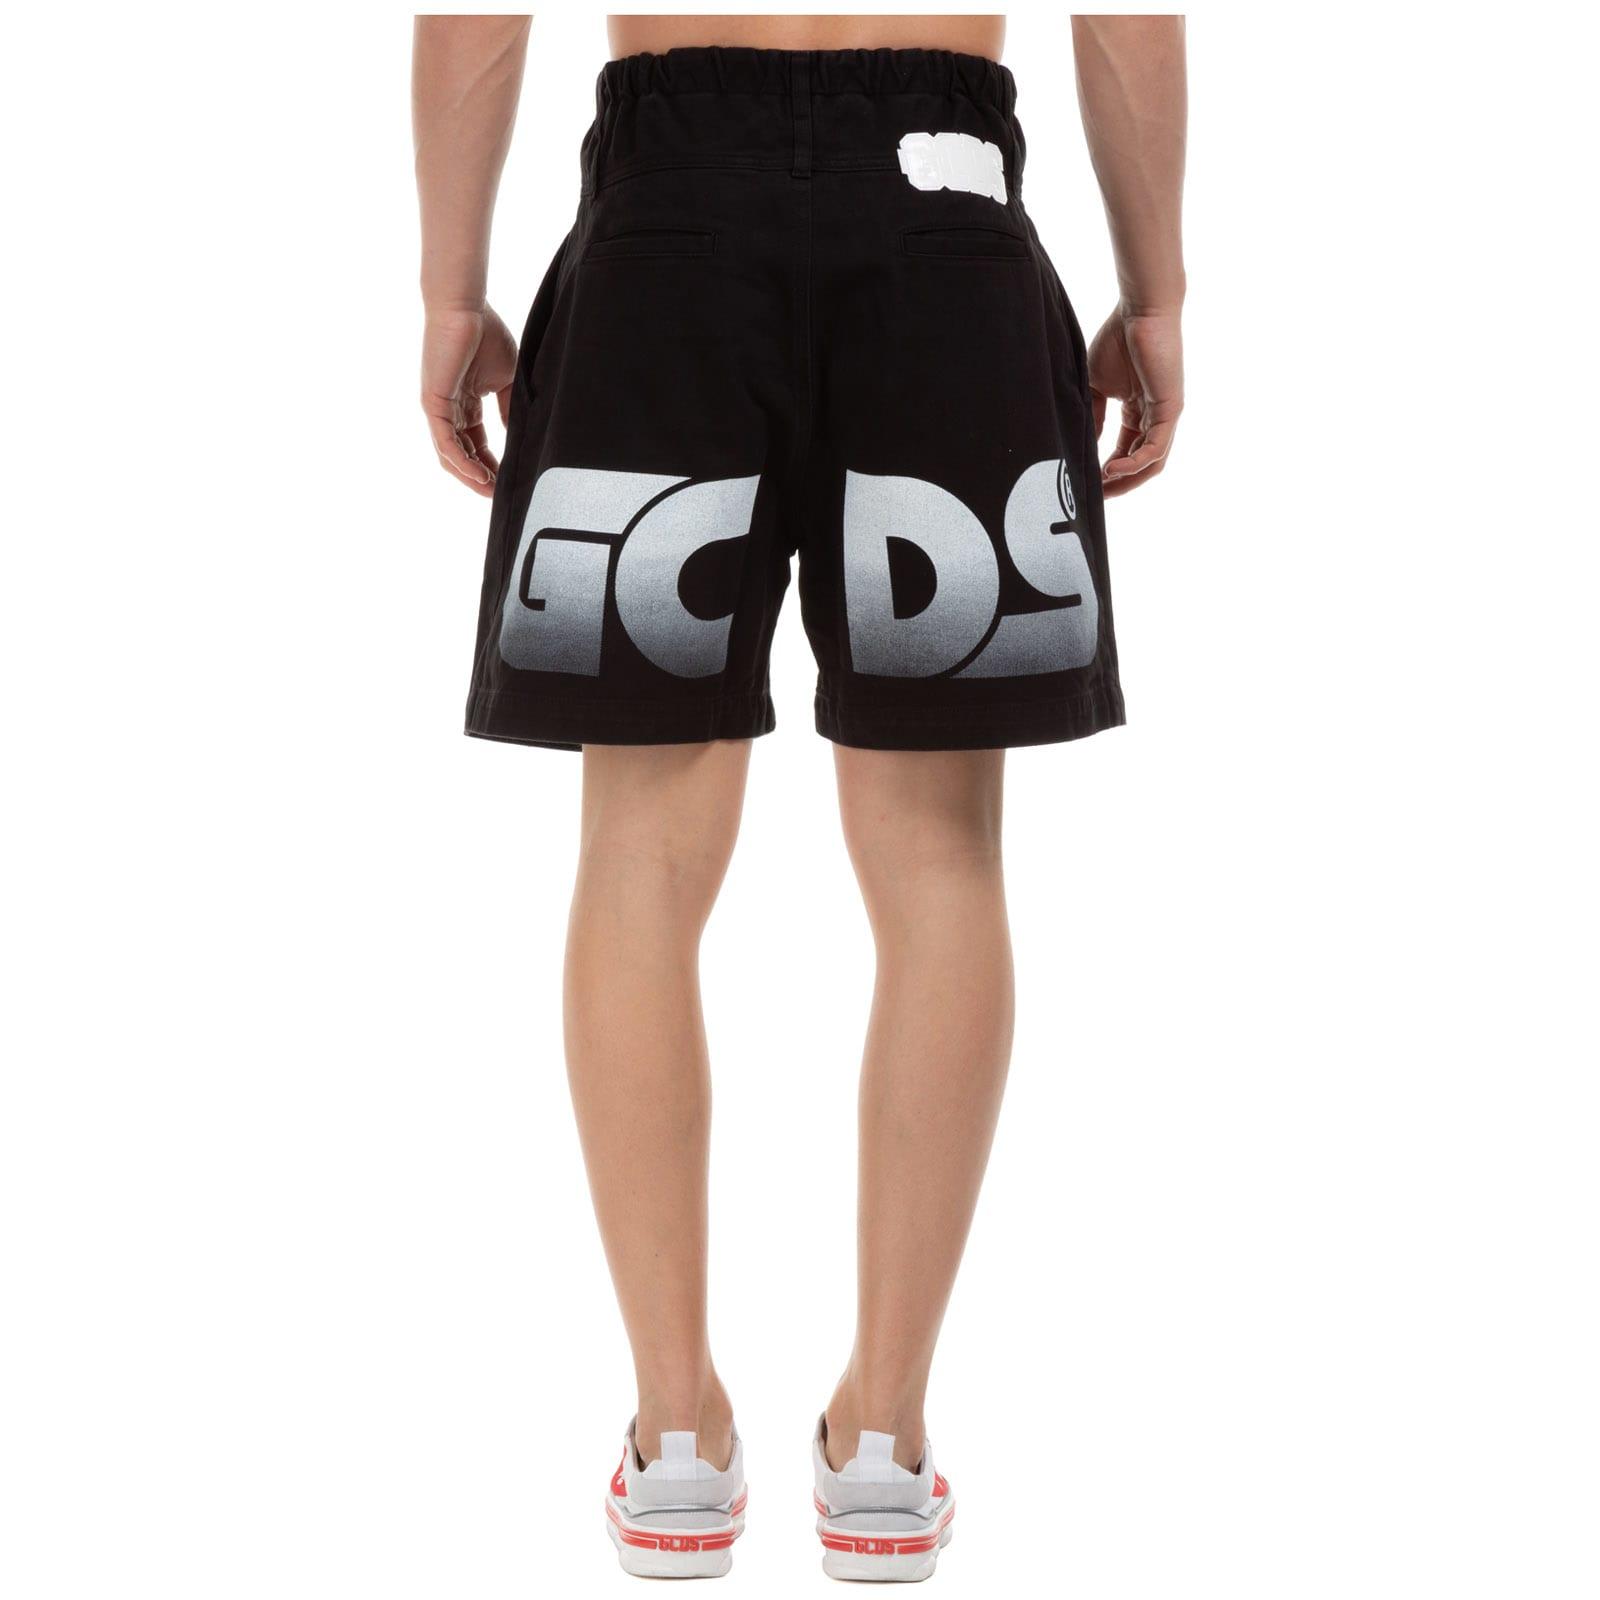 Gcds Lobby Boy Shorts